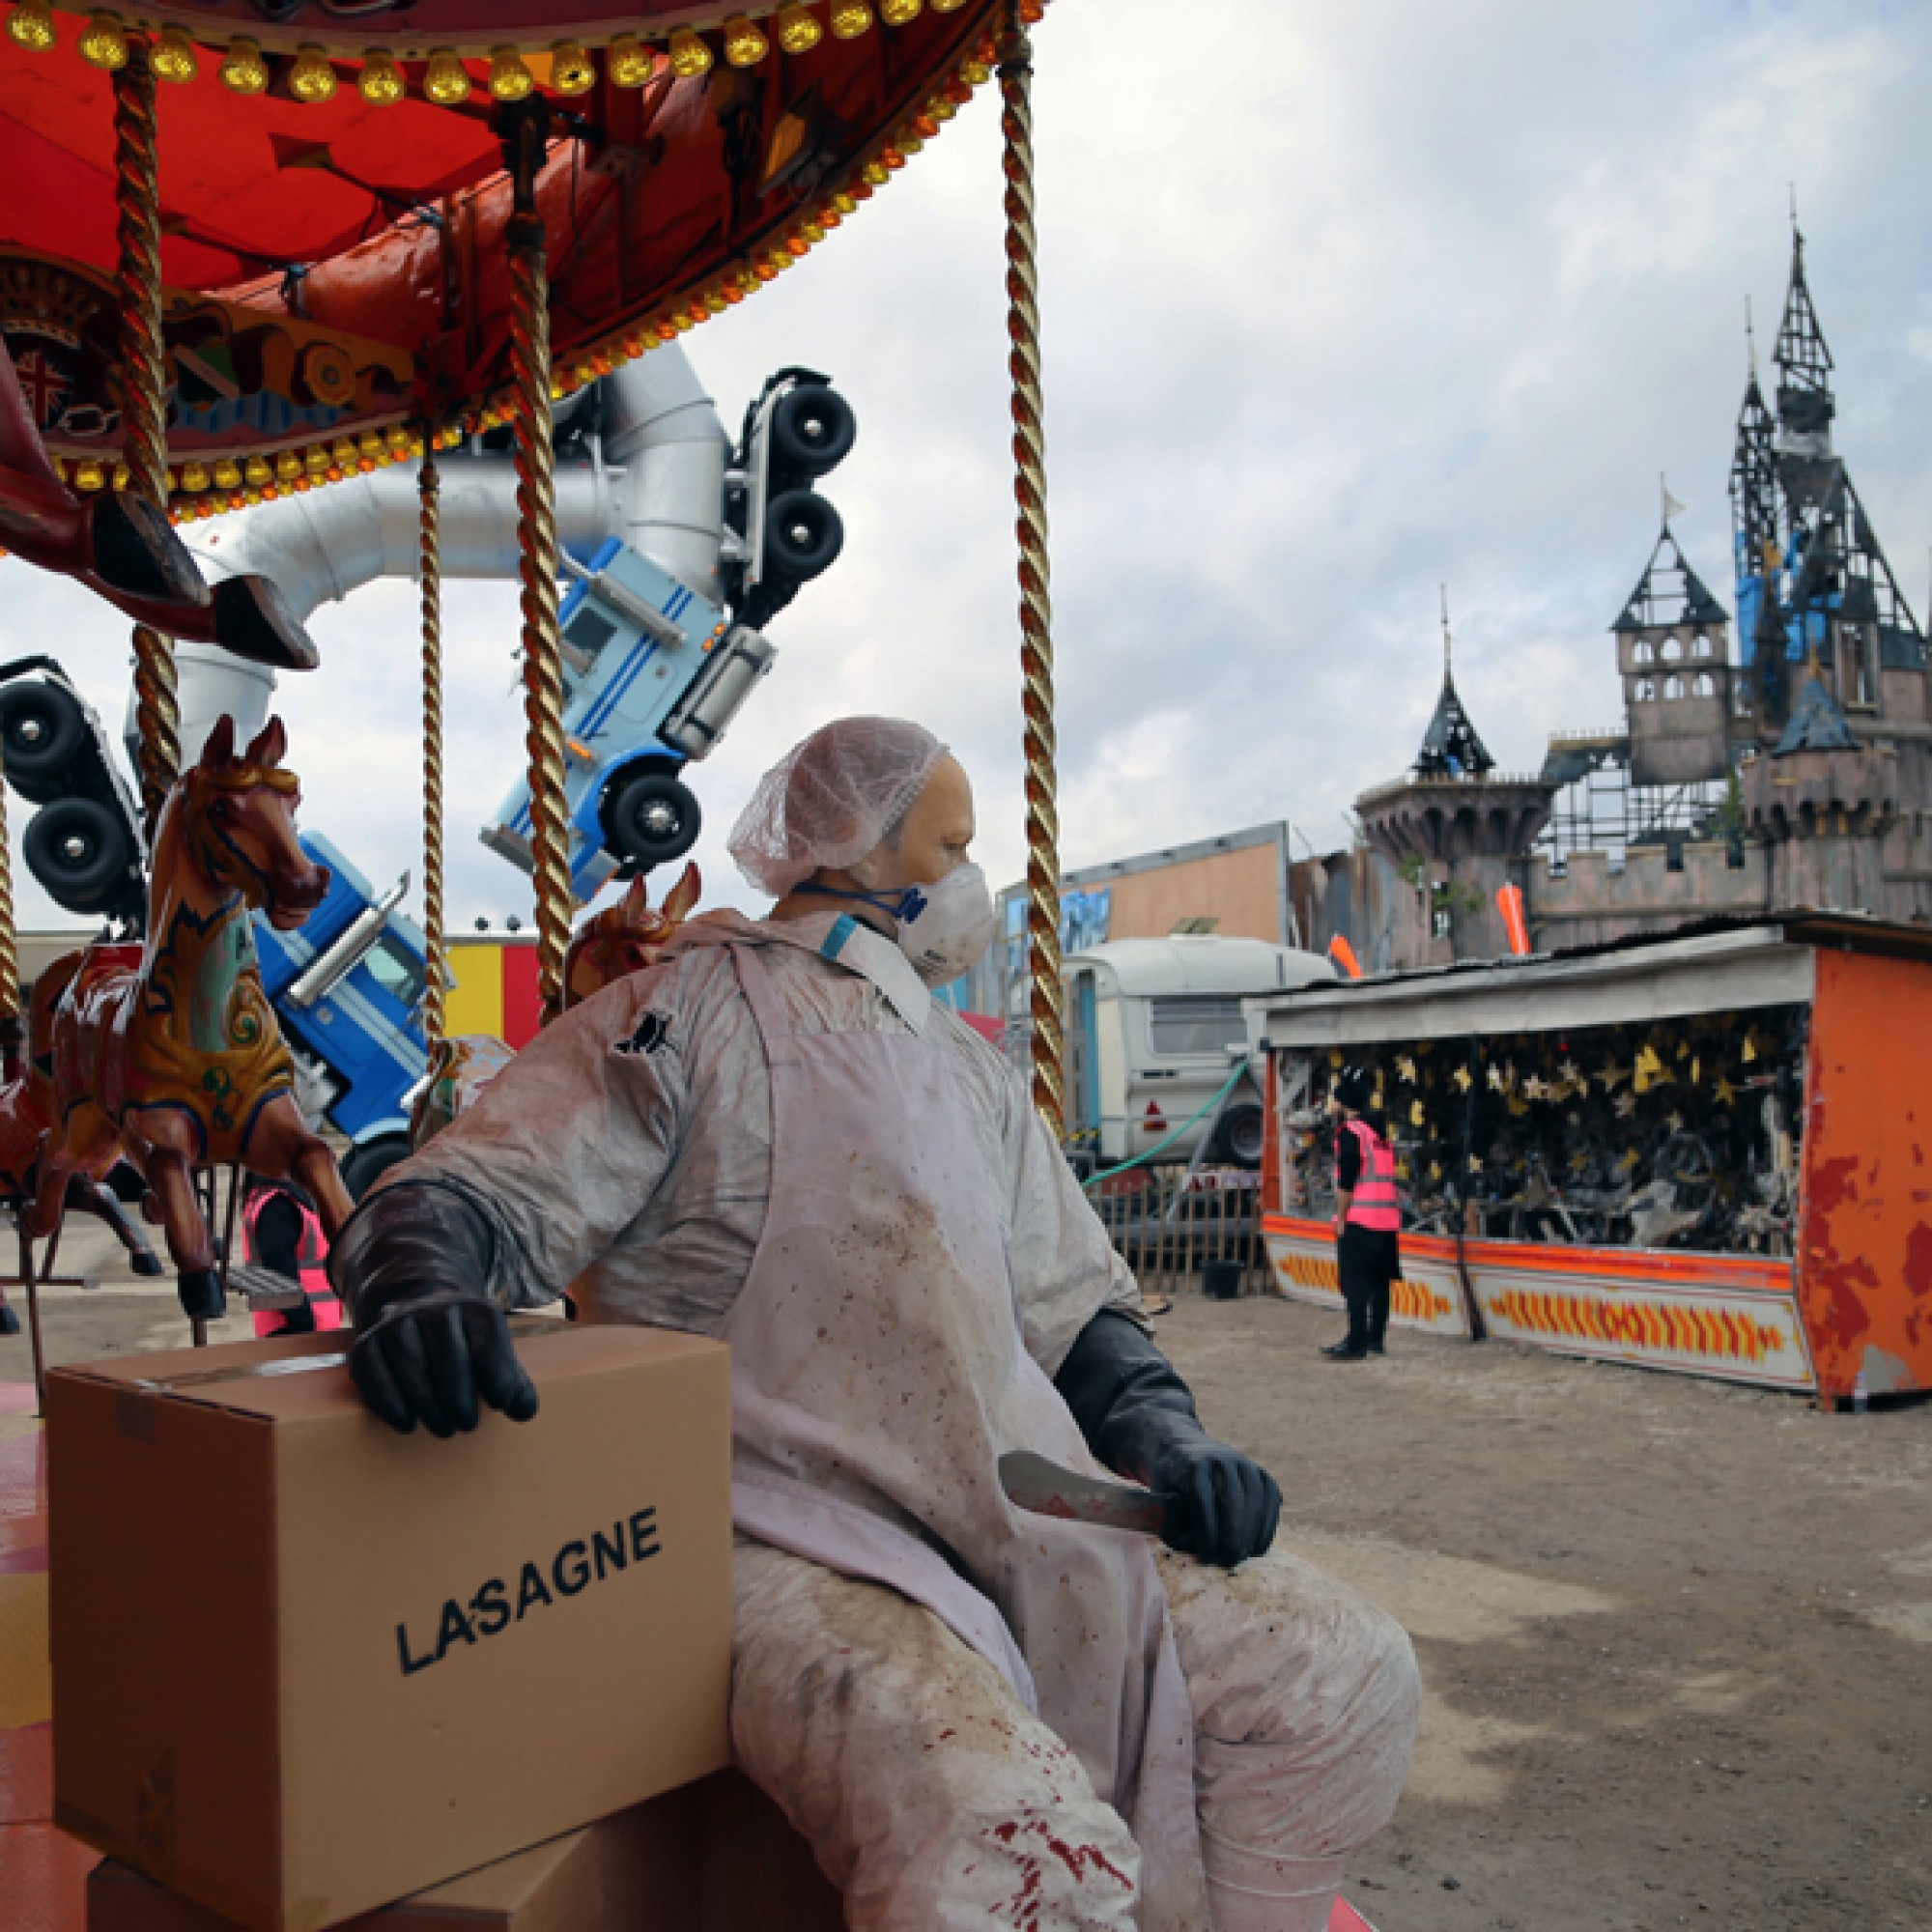 ...und ein Rössli-Karuselll mit einem Metzger und möglicherweise Pferdefleischlasagne. (byrian, flickr, CC)